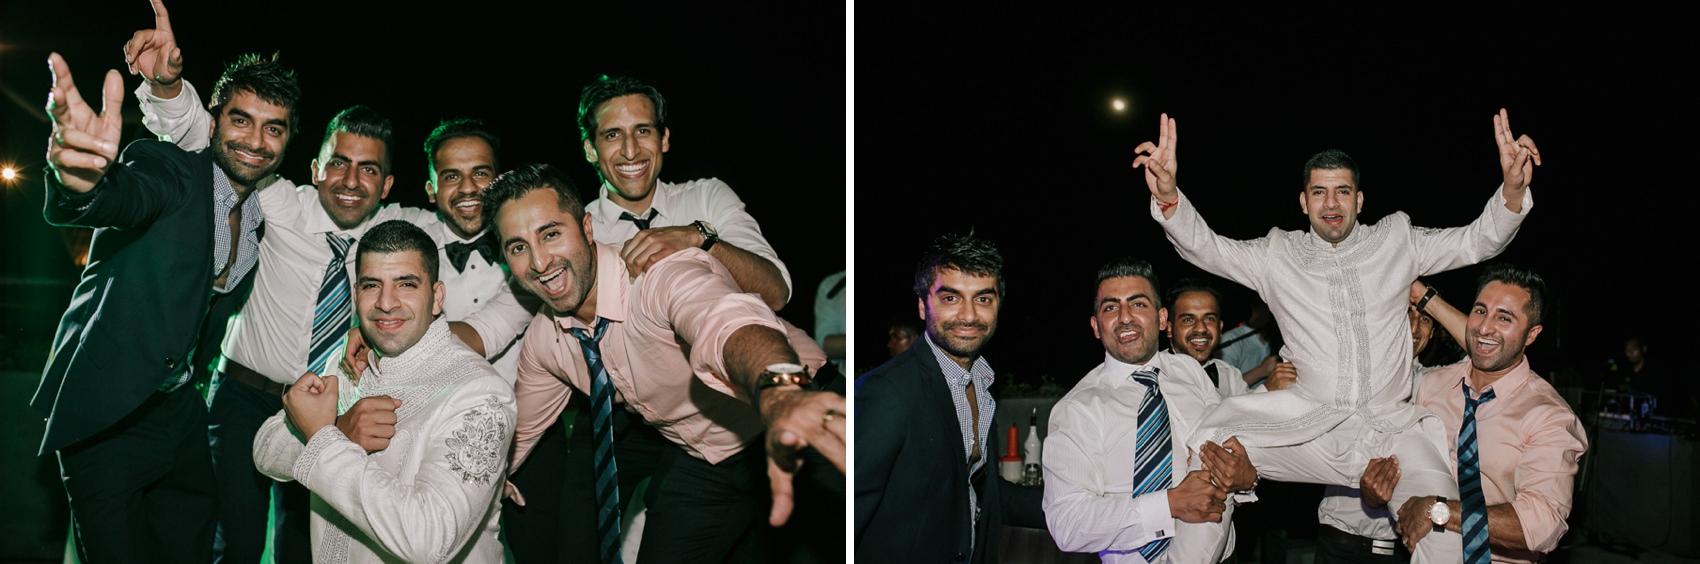 Indian-Wedding-Photography-Maala-Rohan_0275